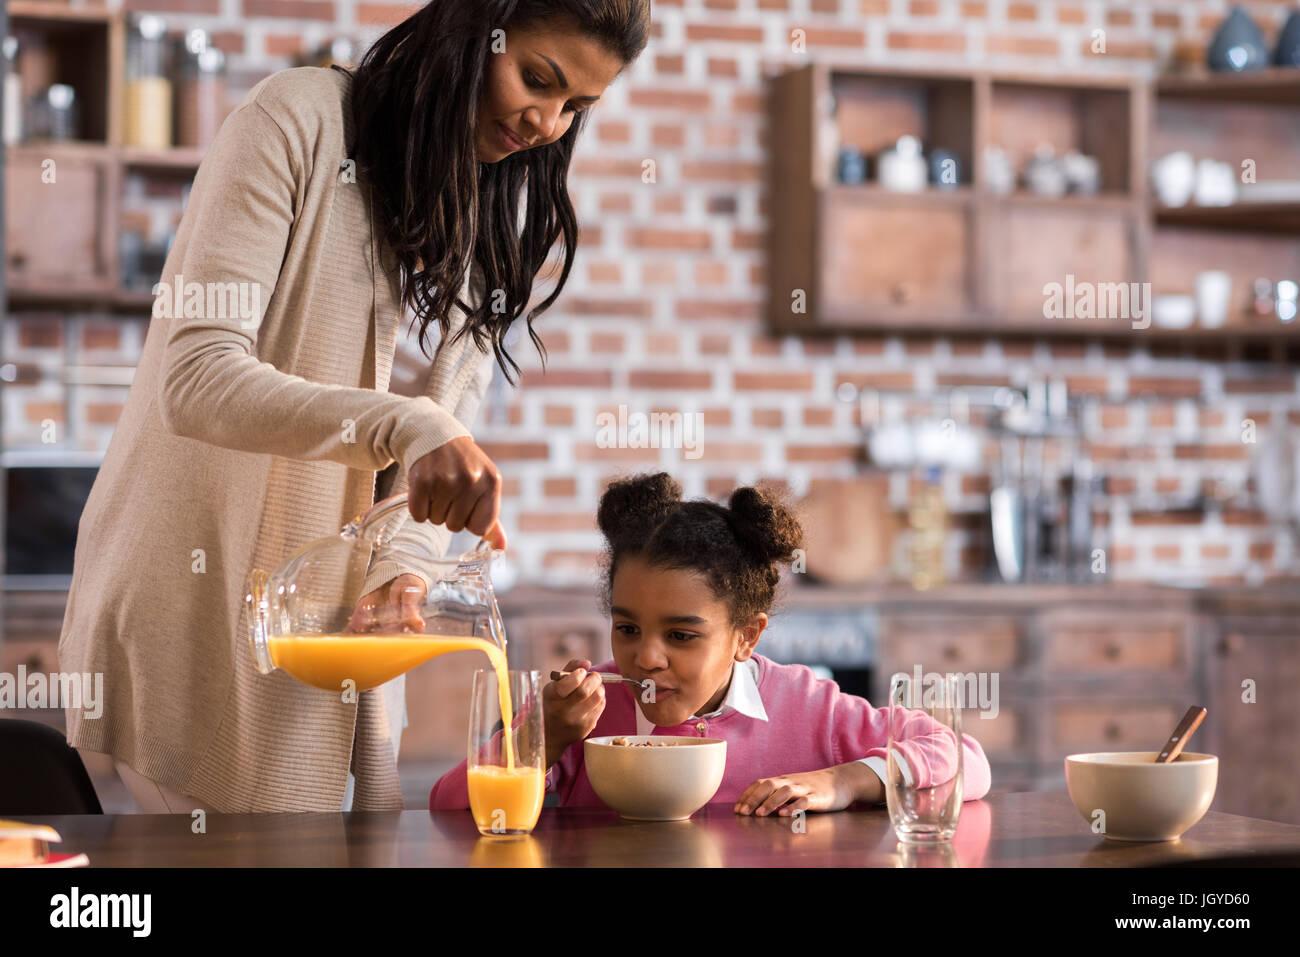 Mutter Tochter Glas Saft überfluten, während des Frühstücks zu Hause Stockbild